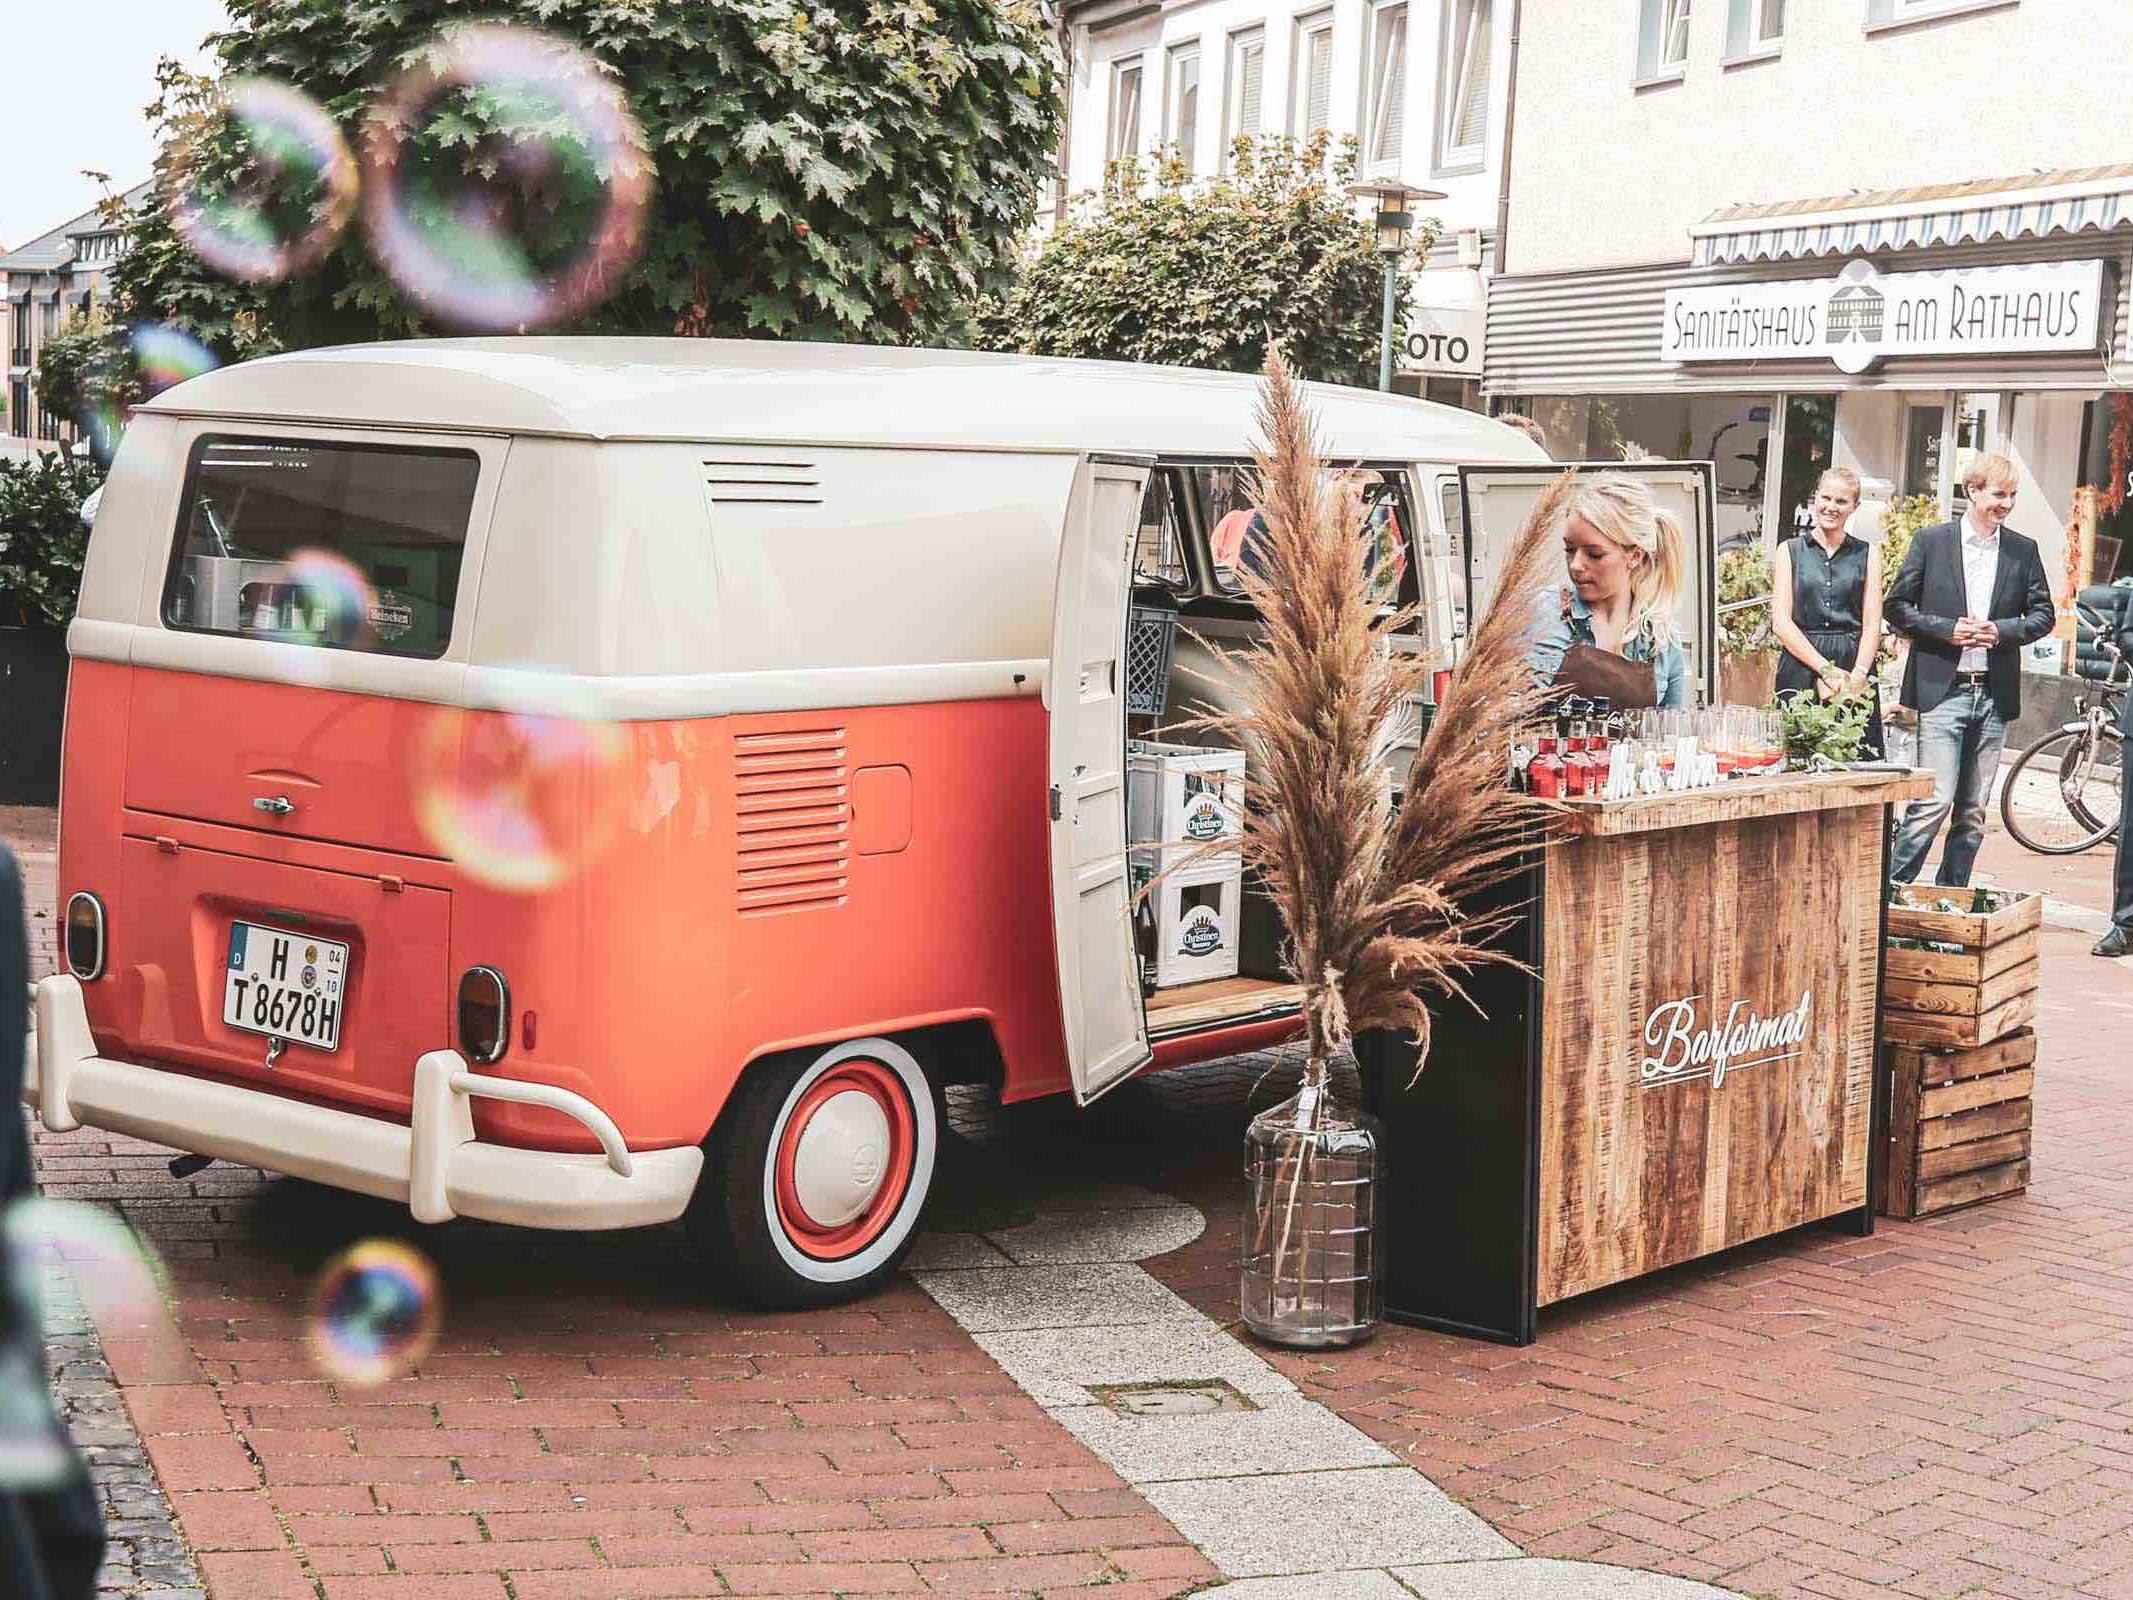 Mobile | Cocktailbar | Hochzeit | Hamburg | Sektempfang | Barkeeper | Mieten | Geburtstag | Ape | VW | Bar | Getränke | Catering | Foodtruck | Weinbar | Ginbar | Sektbar | Kaffeebar | Hamburgfeiert